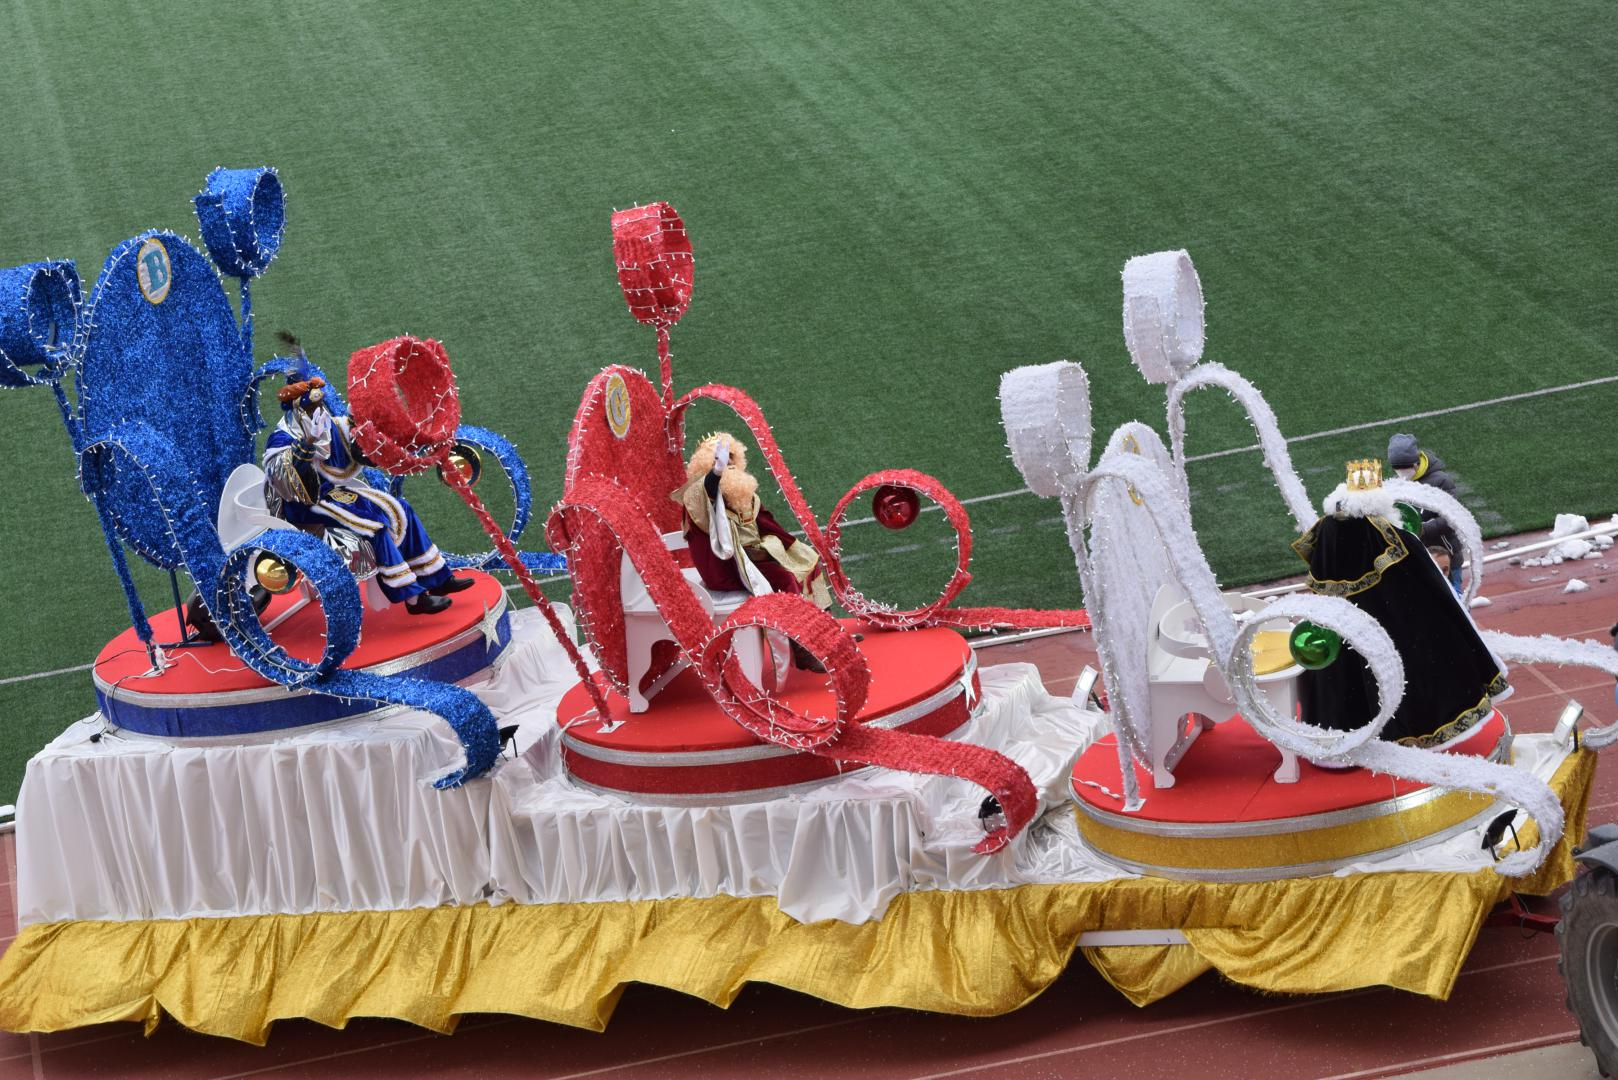 FOTOS: La magia de los Reyes Magos llega a Haro 34